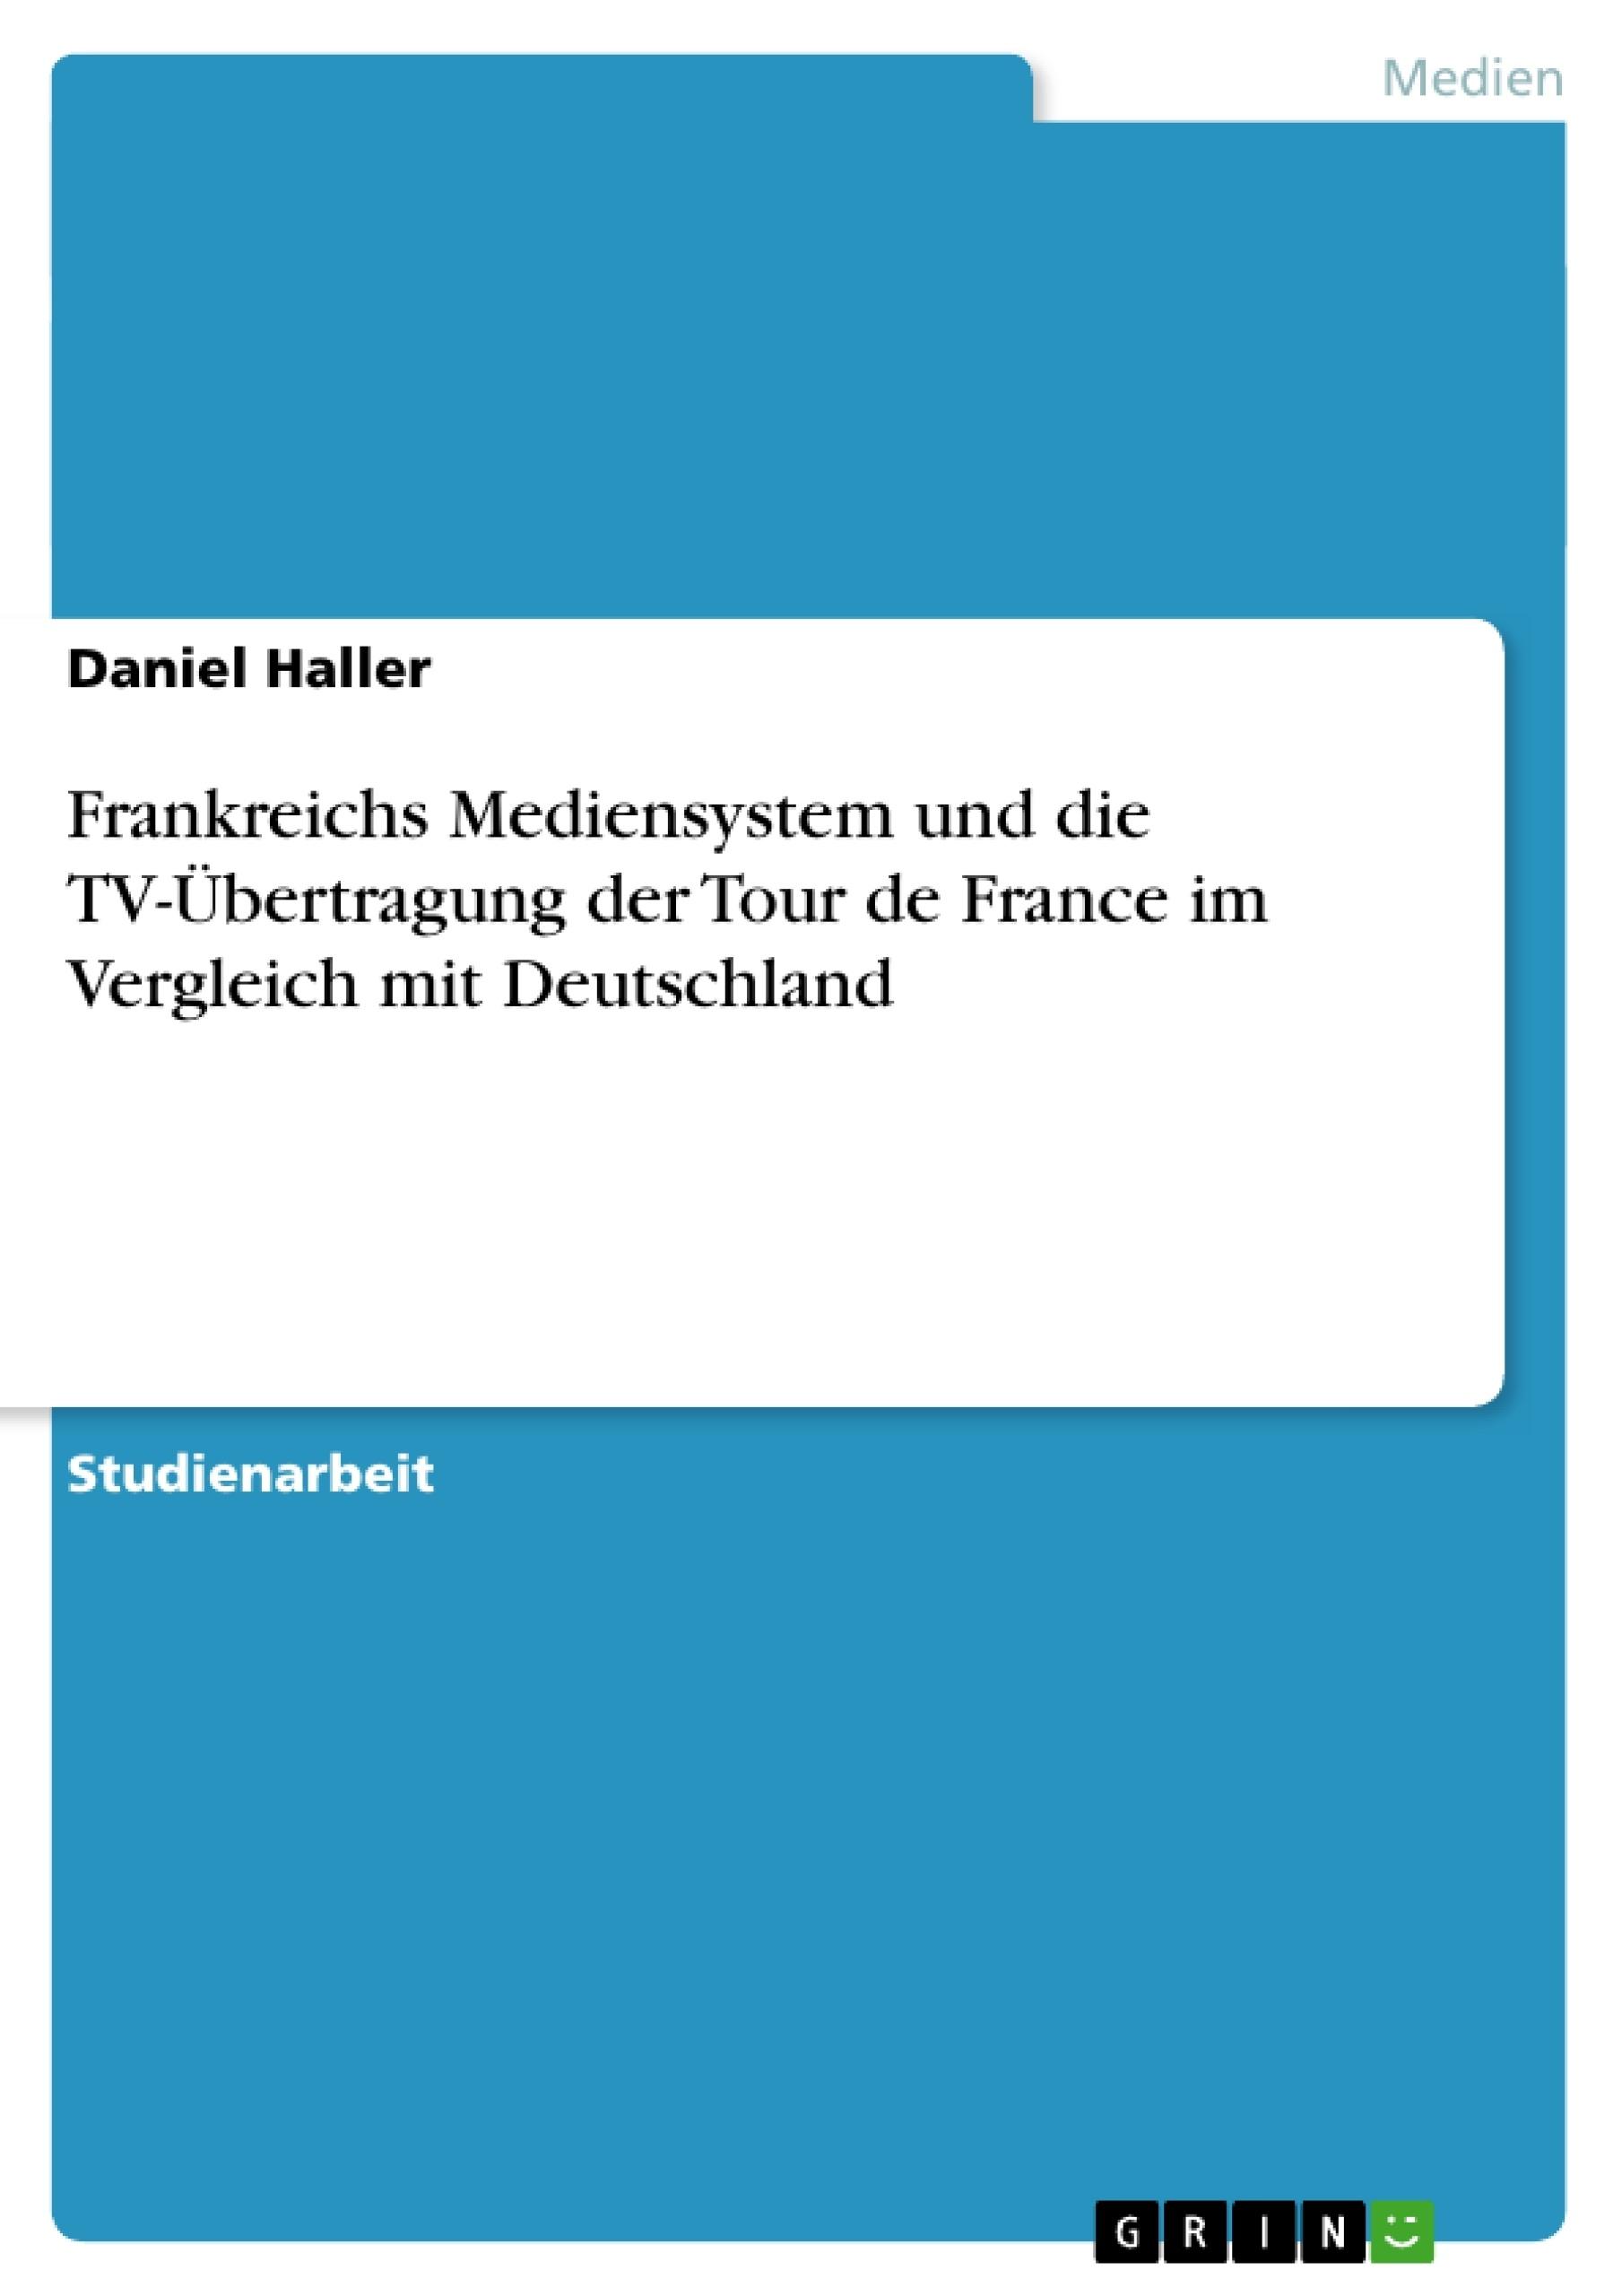 Titel: Frankreichs Mediensystem und die TV-Übertragung der Tour de France im Vergleich mit Deutschland